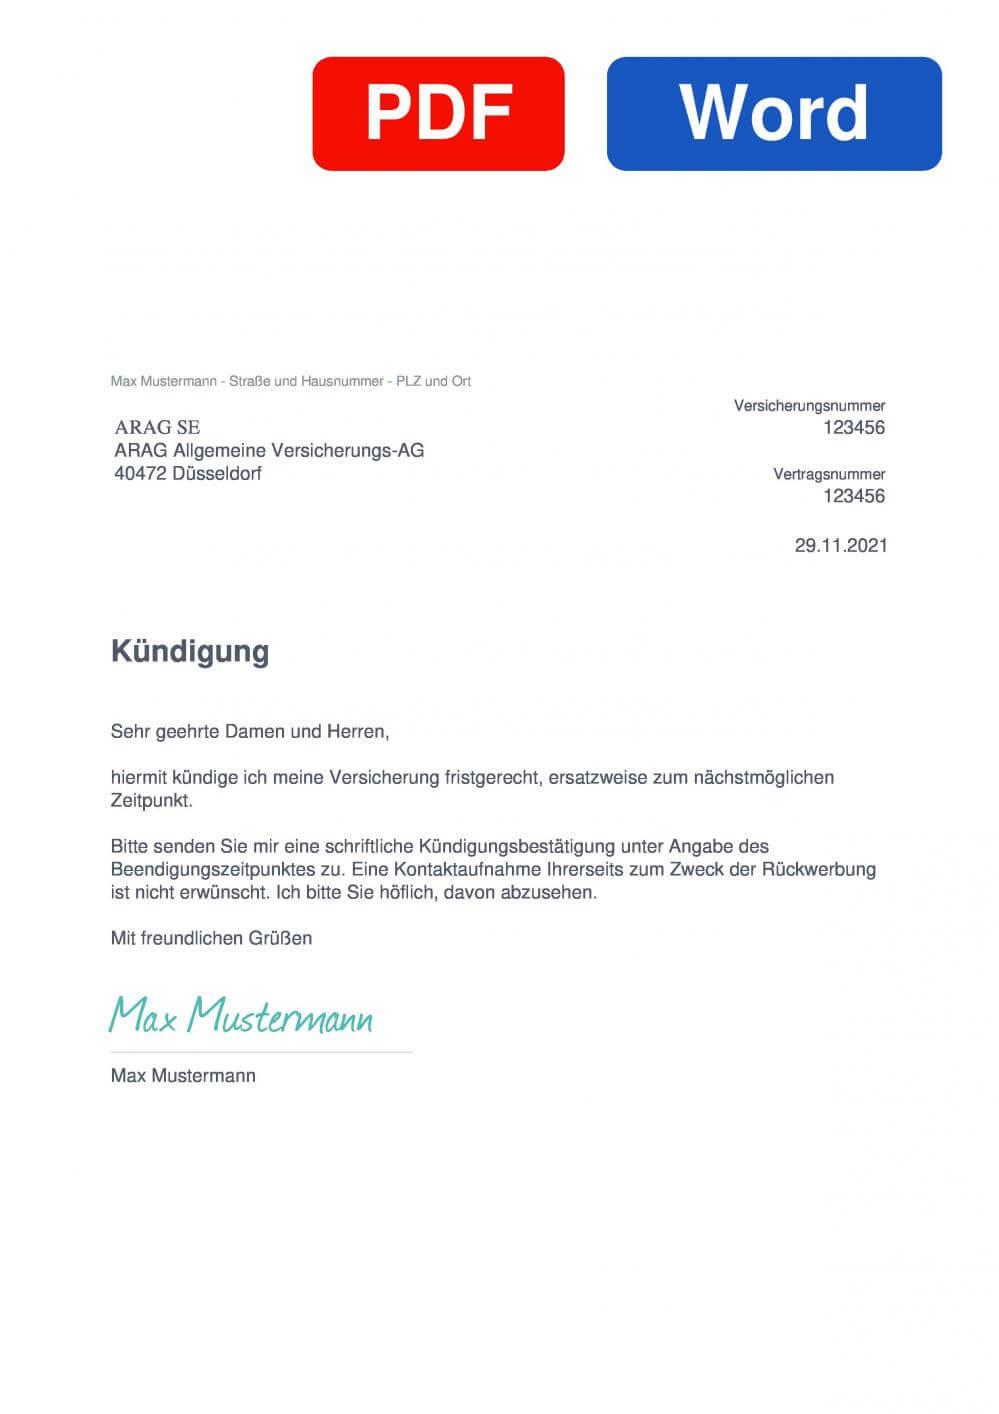 ARAG Versicherung Muster Vorlage für Kündigungsschreiben